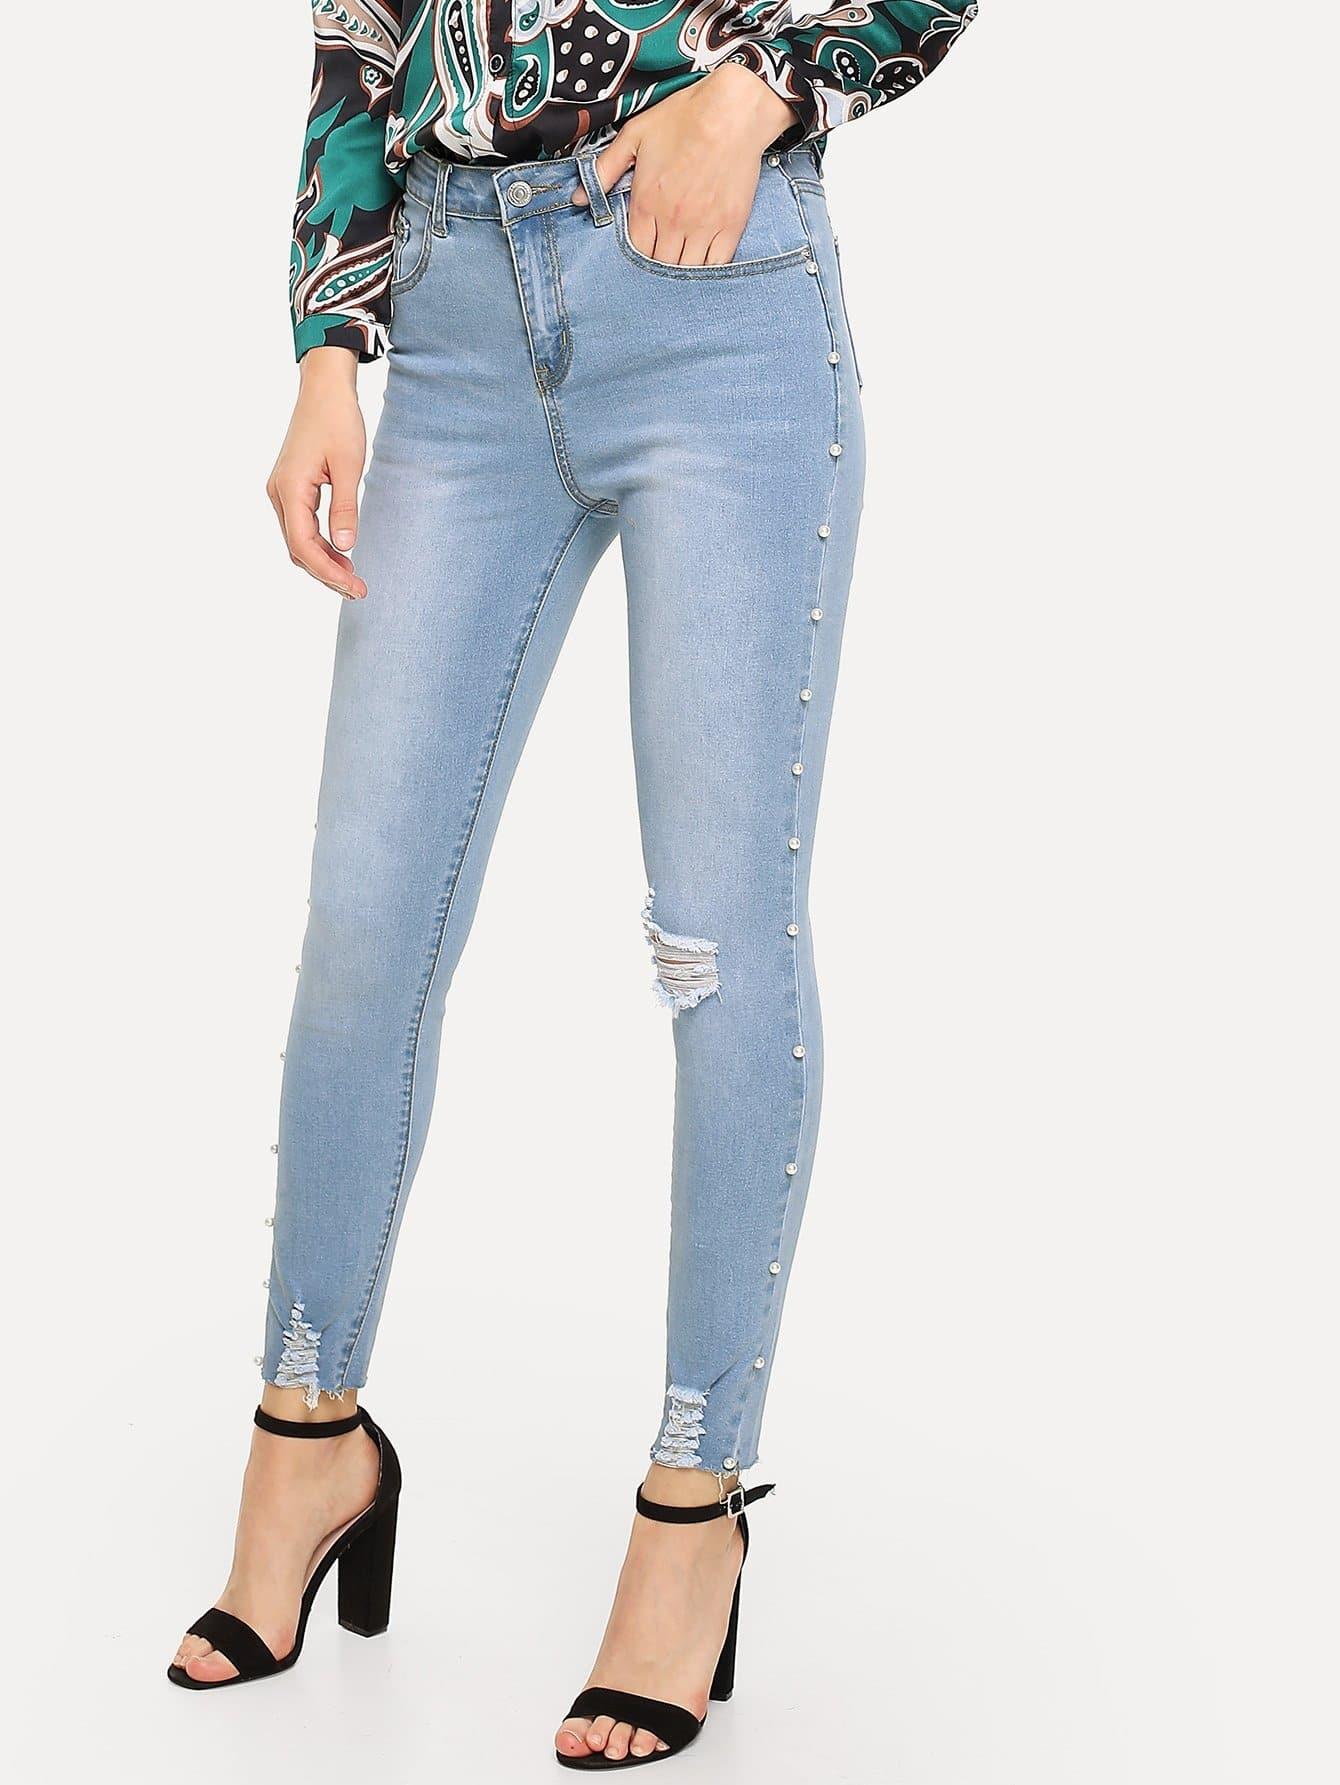 Купить Рваные джинсы с украшением искусственных жемчугов, Nedab, SheIn